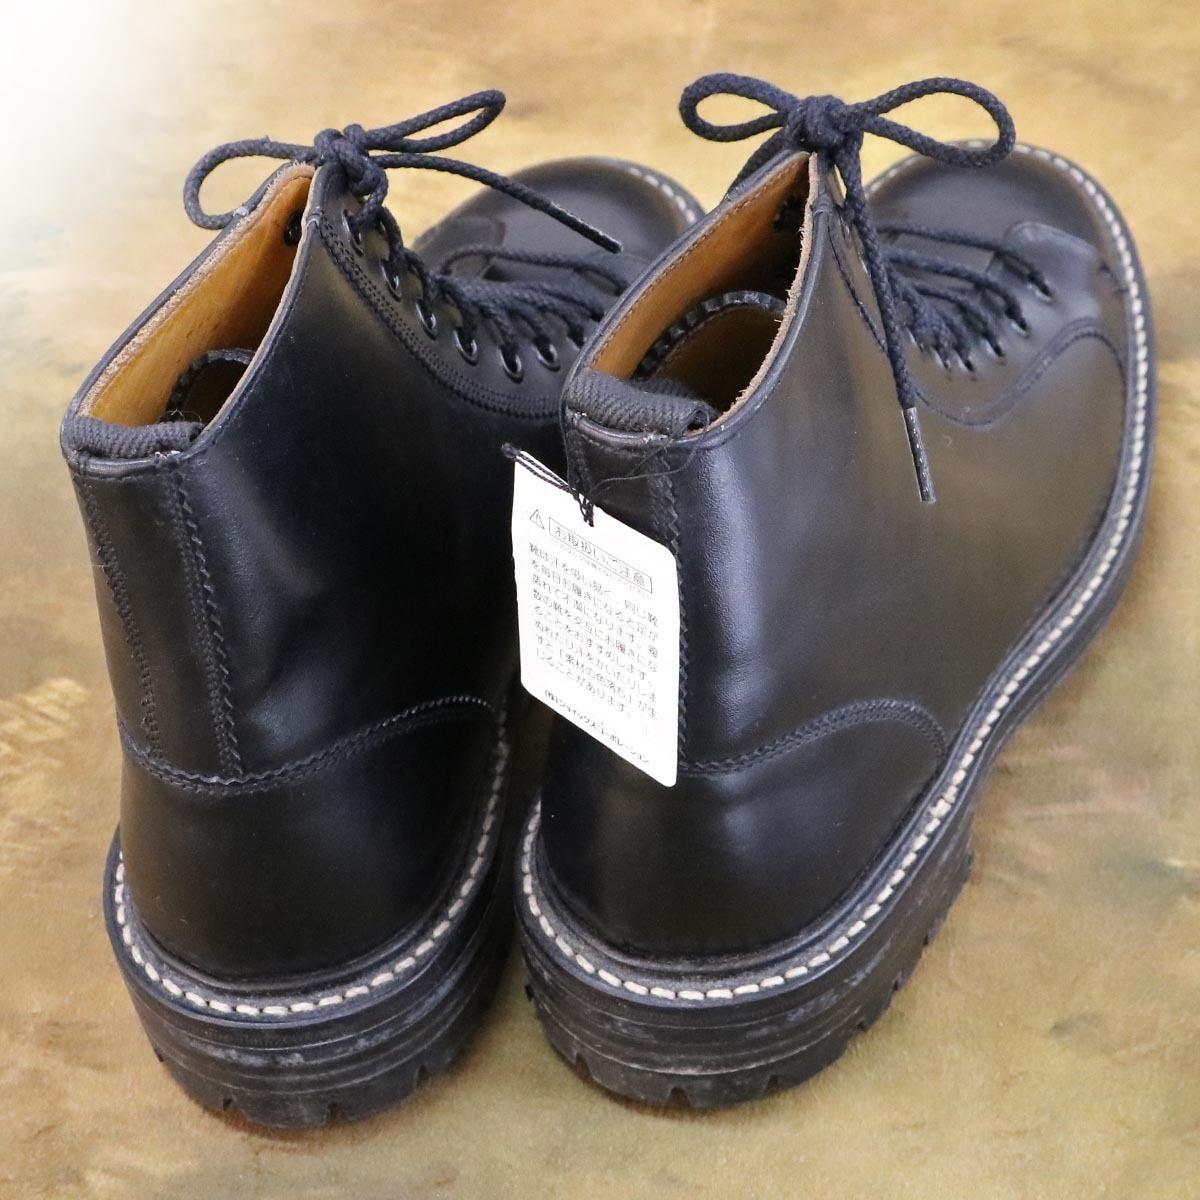 本物 極上品 トリッカーズ 別注品 ポールスミス レースアップ DERBY レザーブーツ ブラック 紳士靴 スニーカー Tricker's_画像7